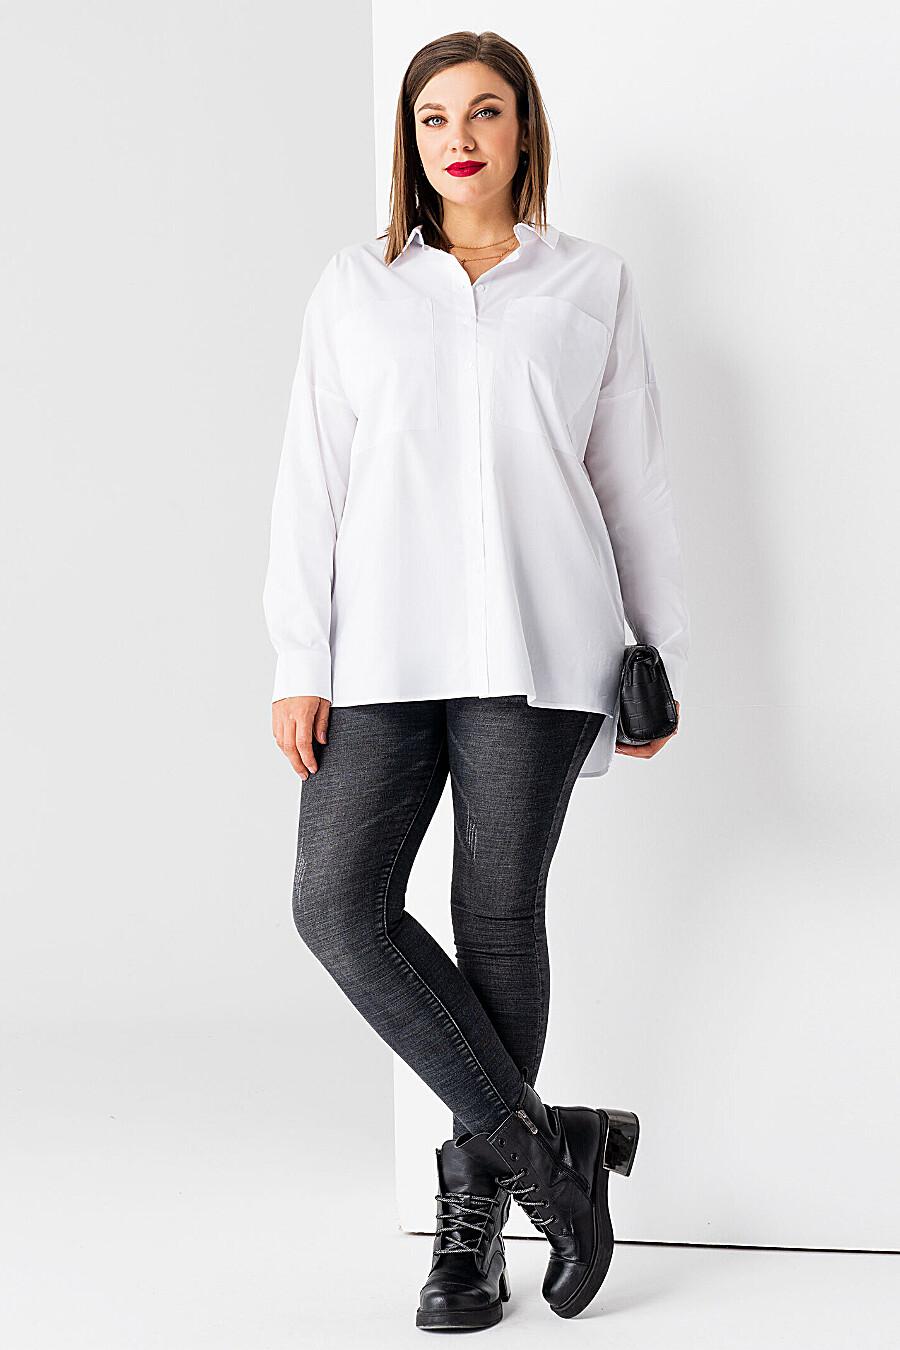 Блуза для женщин PANDA 708643 купить оптом от производителя. Совместная покупка женской одежды в OptMoyo